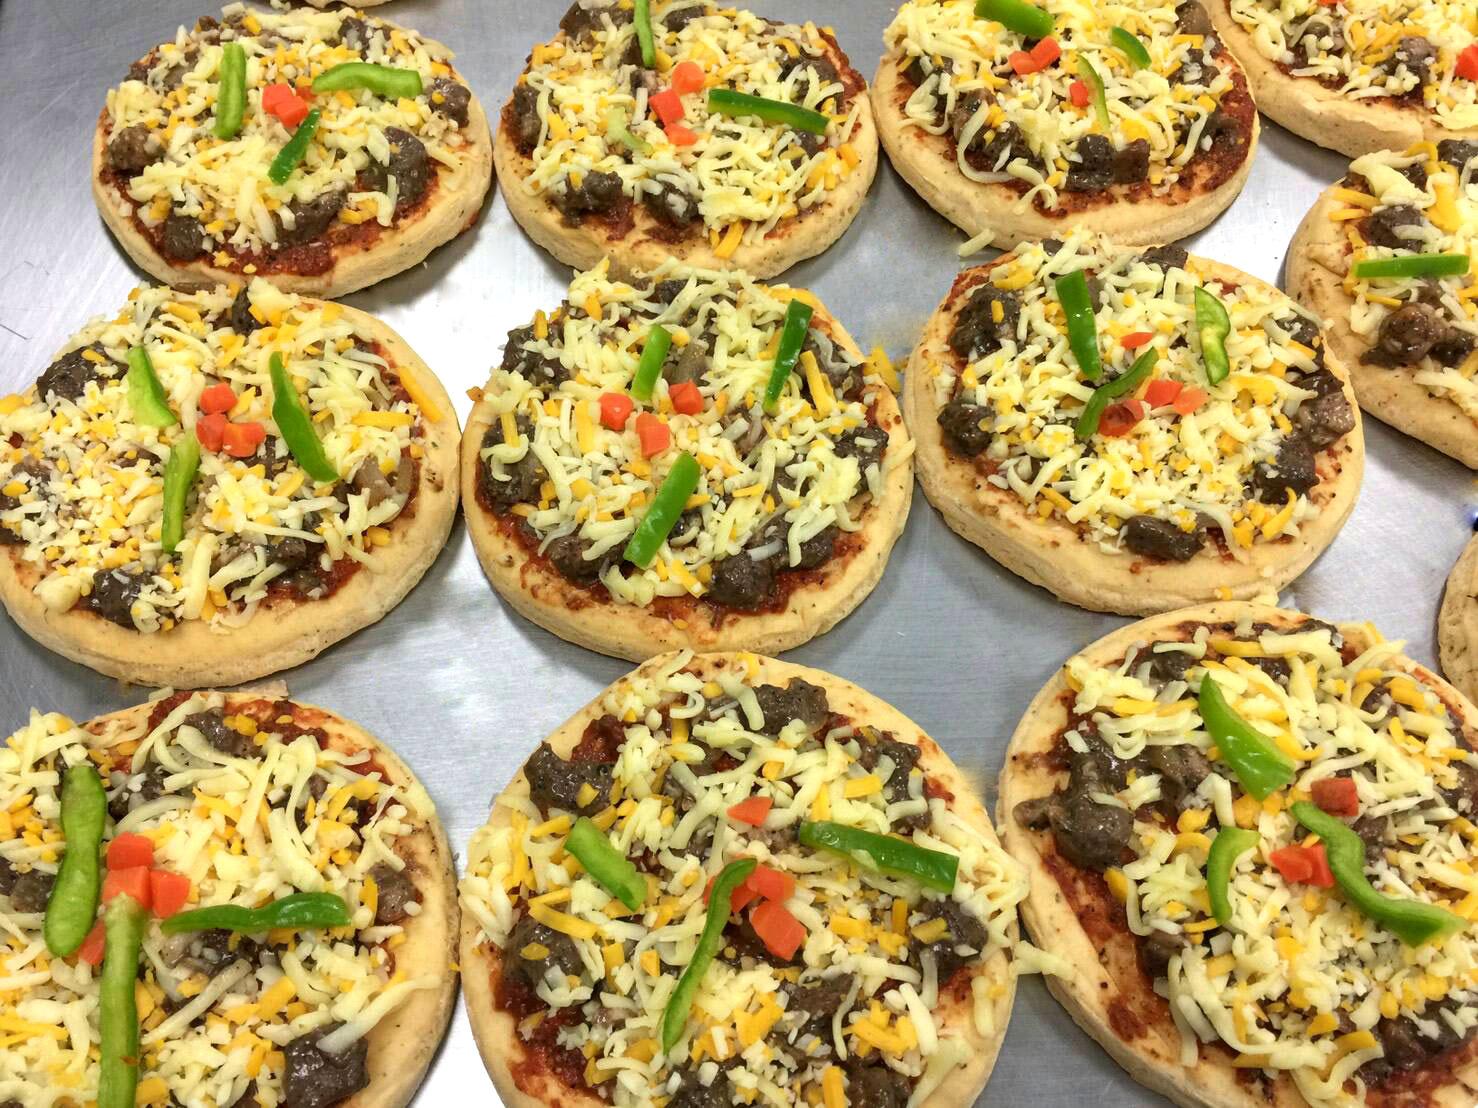 瑪莉屋口袋比薩pizza【風味特醃牛排披薩】厚皮 / 一入 9